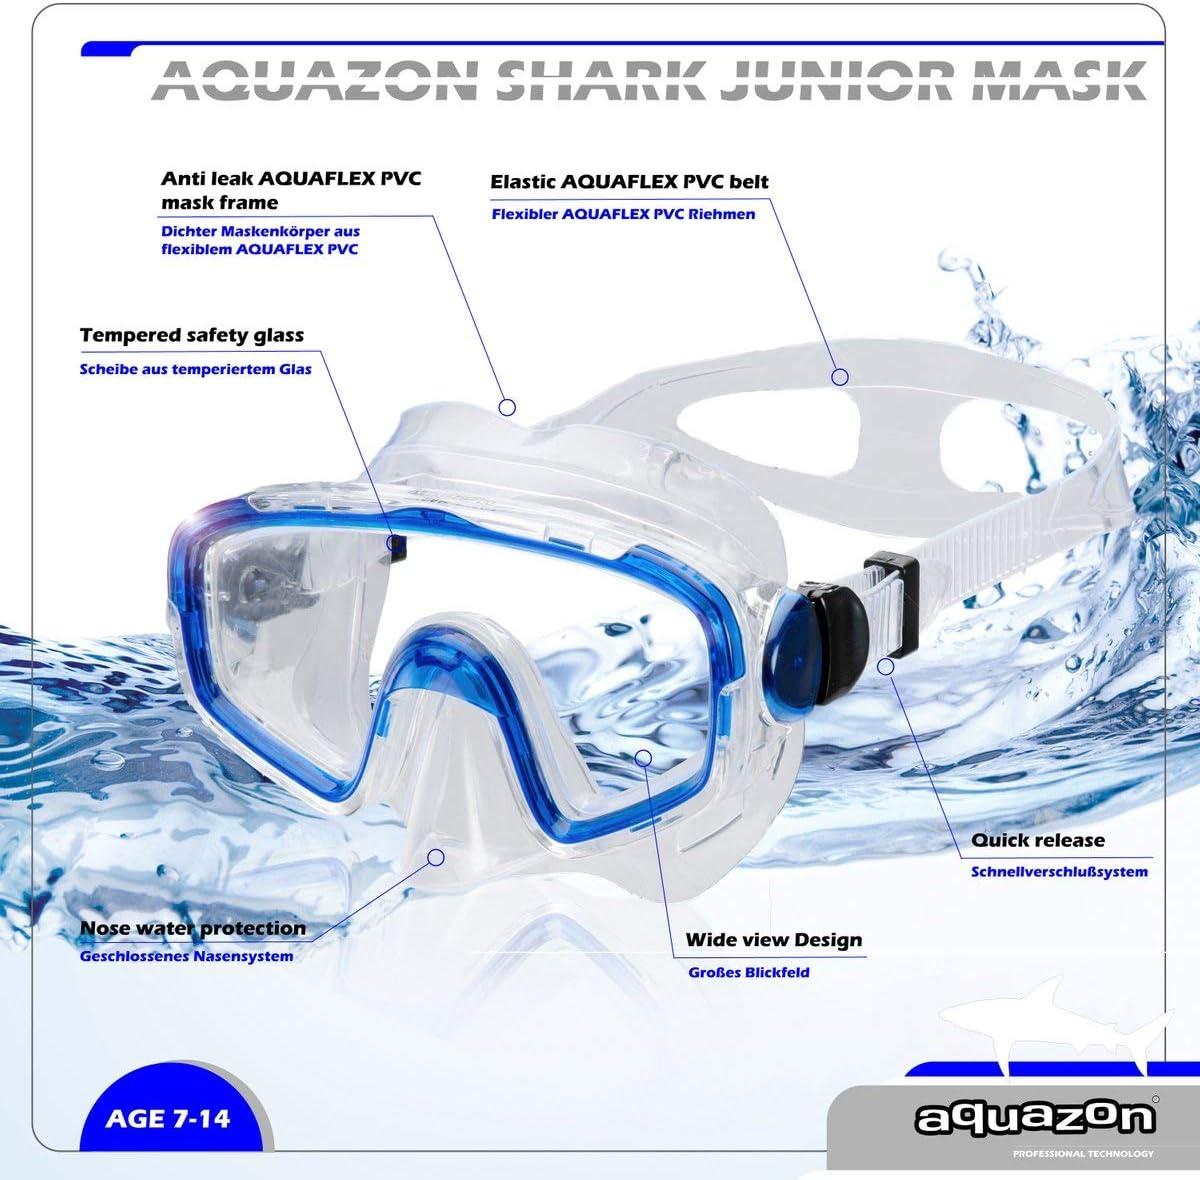 Vidrio Templado AQUAZON Beach Junior Medium Gafas de esn/órquel Gafas de nataci/ón j/óvenes de 7 a 14 a/ños Gafas de Buceo Gran Ajuste Muy Robusto m/áscara de Buceo para ni/ños